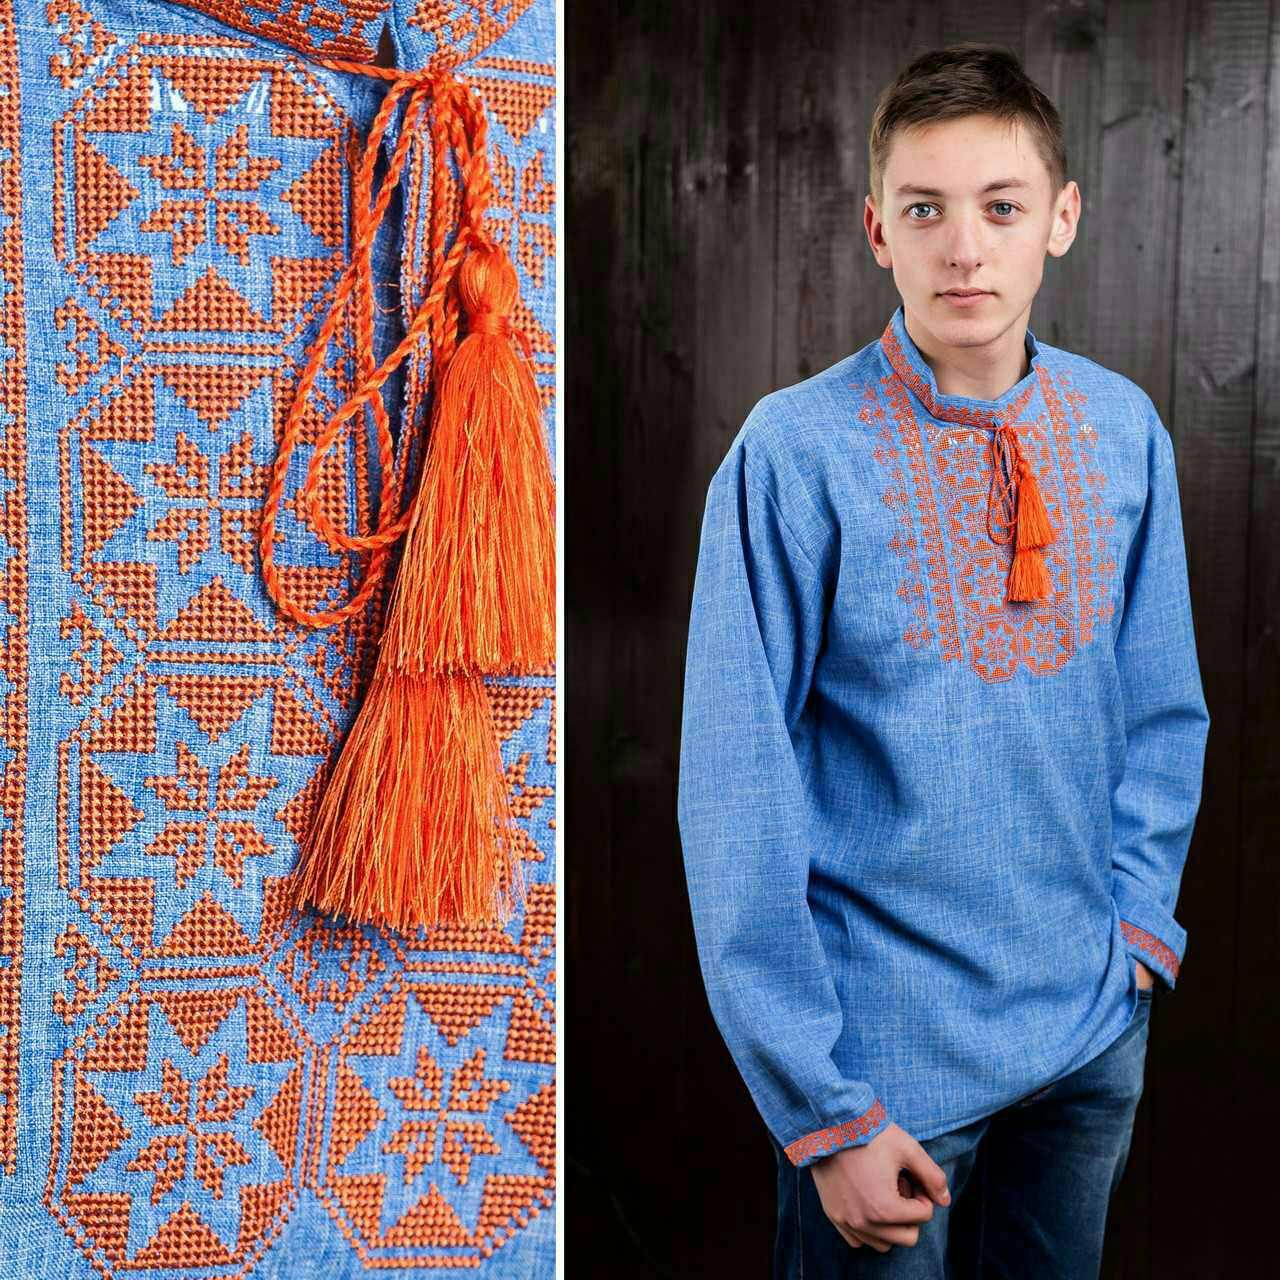 Нарядная вышитая рубашка мужчинам, габардин, 350/300 (цена за 1 шт. + 50 гр.)